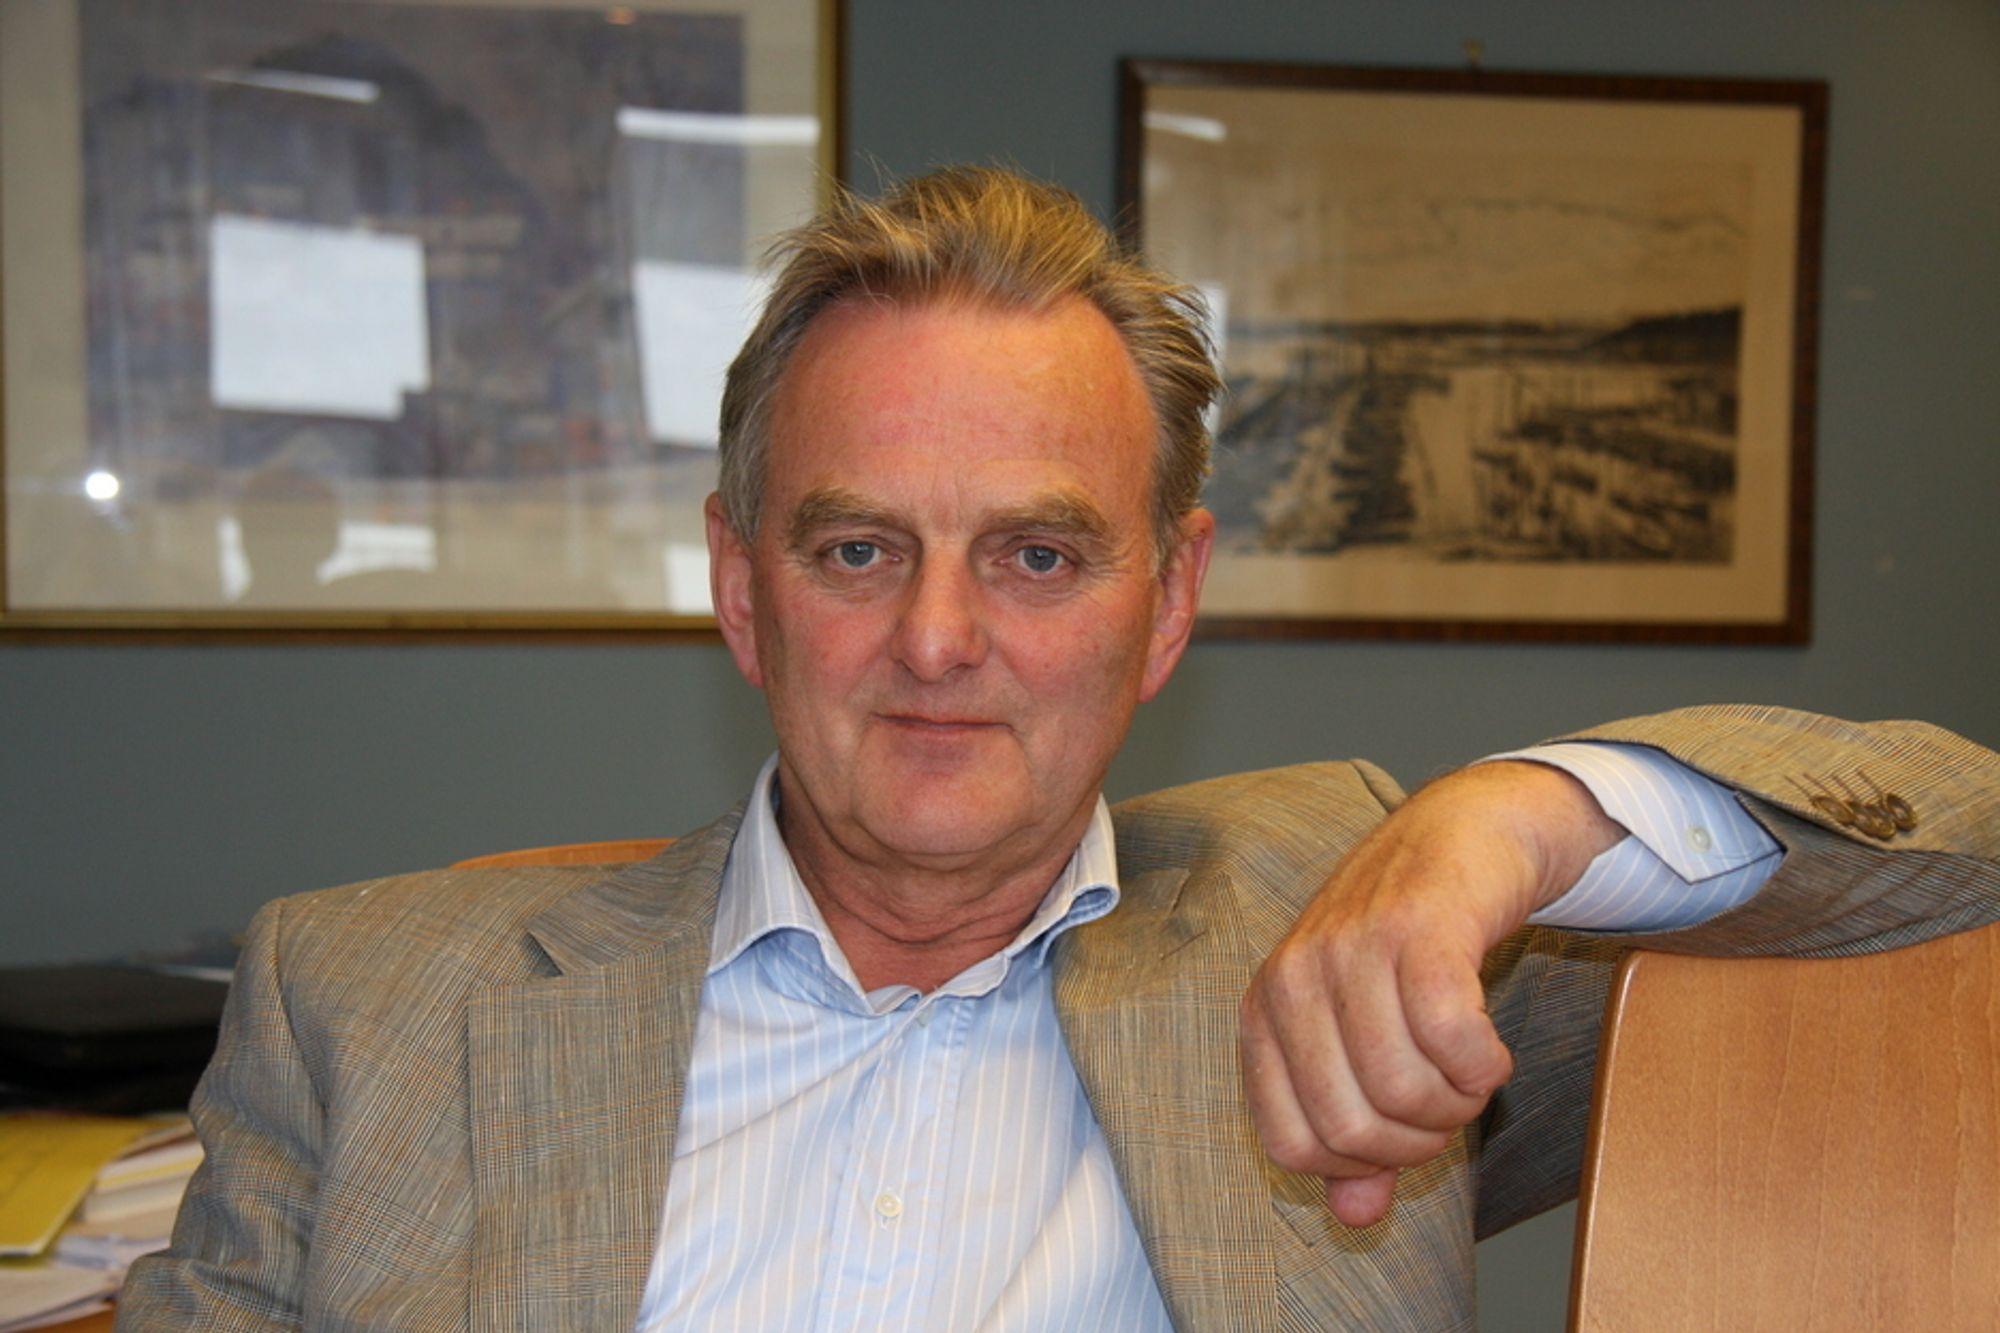 KRITISK: Norges velmenende flinkhet rammer klimaet og industrien, mener direktør i Norsk Industri, Svein Sundsbø.